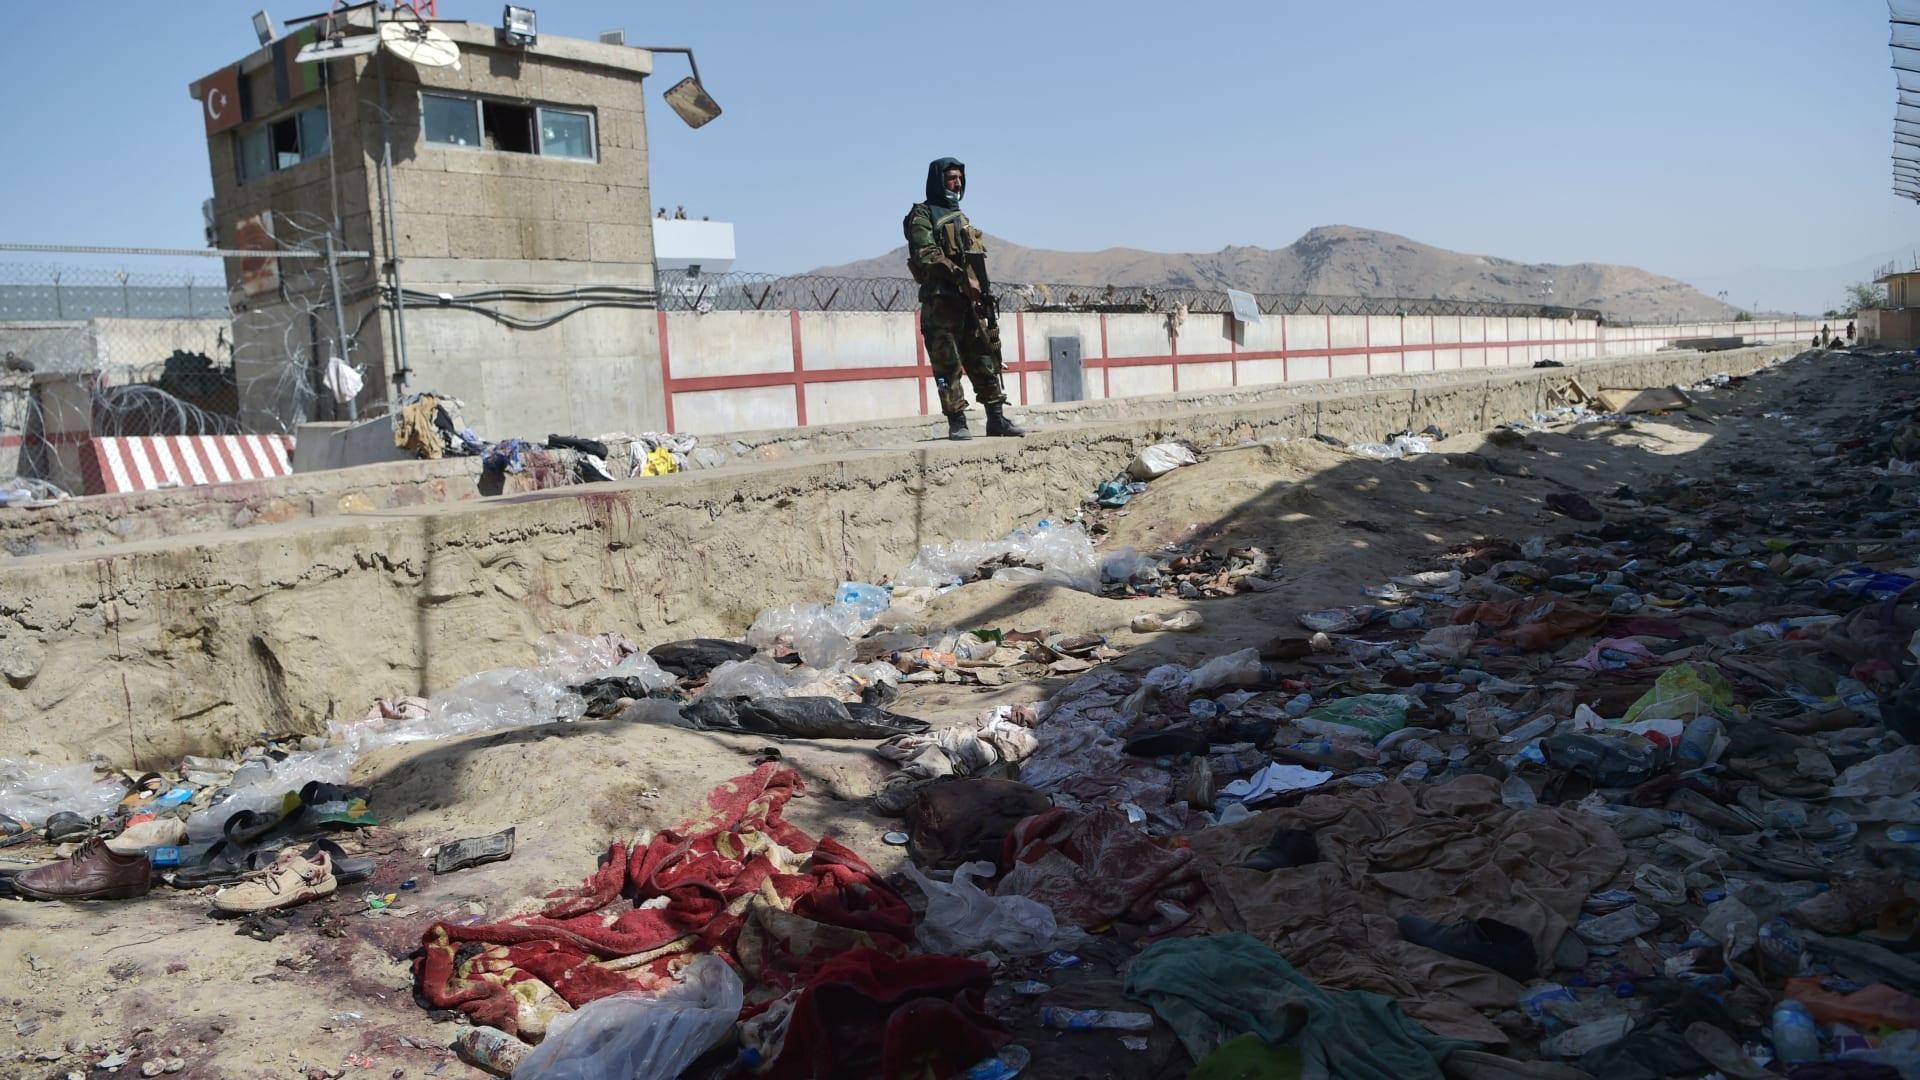 ما رسالة داعش خراسان بهجومهم على مطار كابول؟ مسؤولة دفاع أمريكية سابقة توضّح